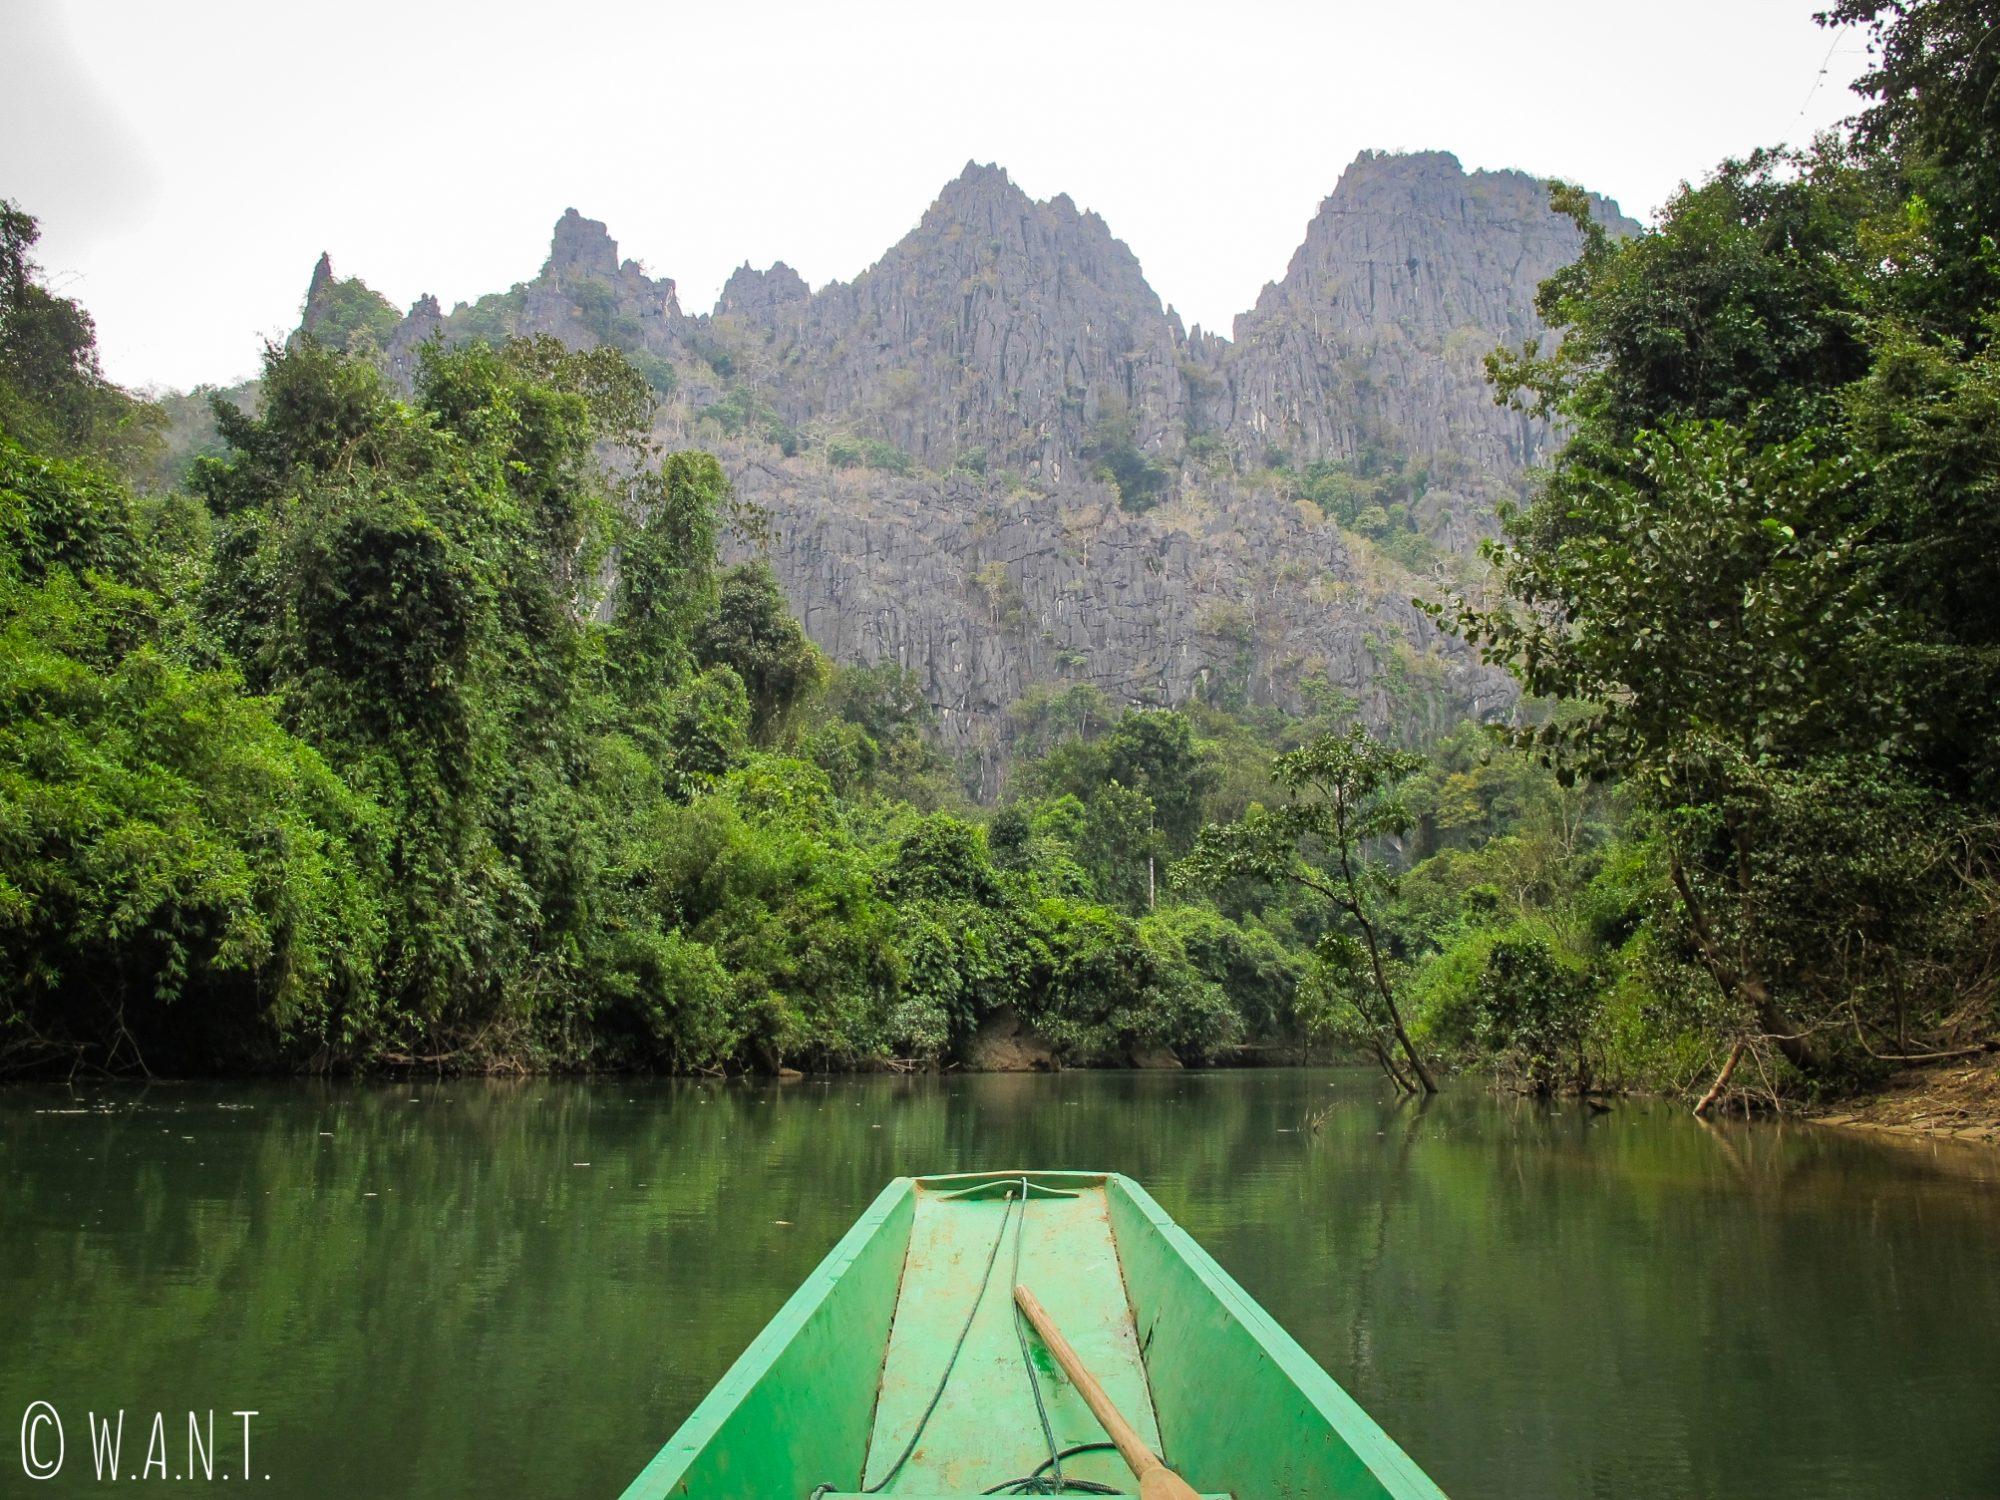 À la sortie de la grotte de Konglor, nous naviguons sur la rivière au milieu des pics karstiques